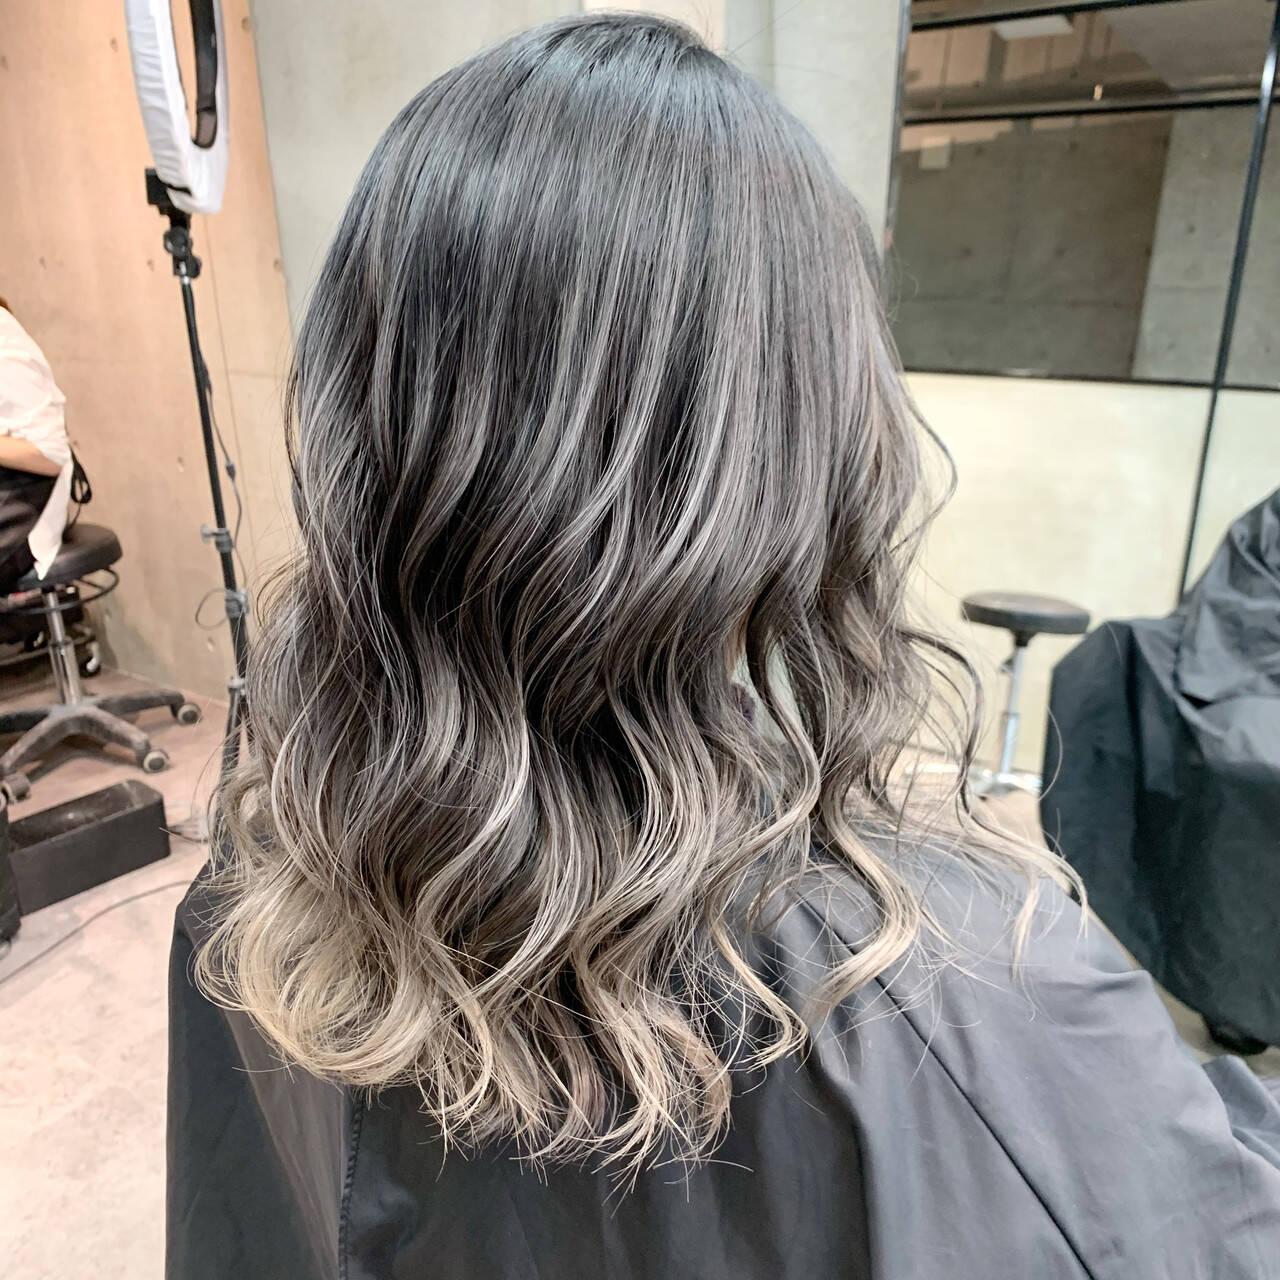 セミロング コントラストハイライト 透明感カラー 秋冬スタイルヘアスタイルや髪型の写真・画像